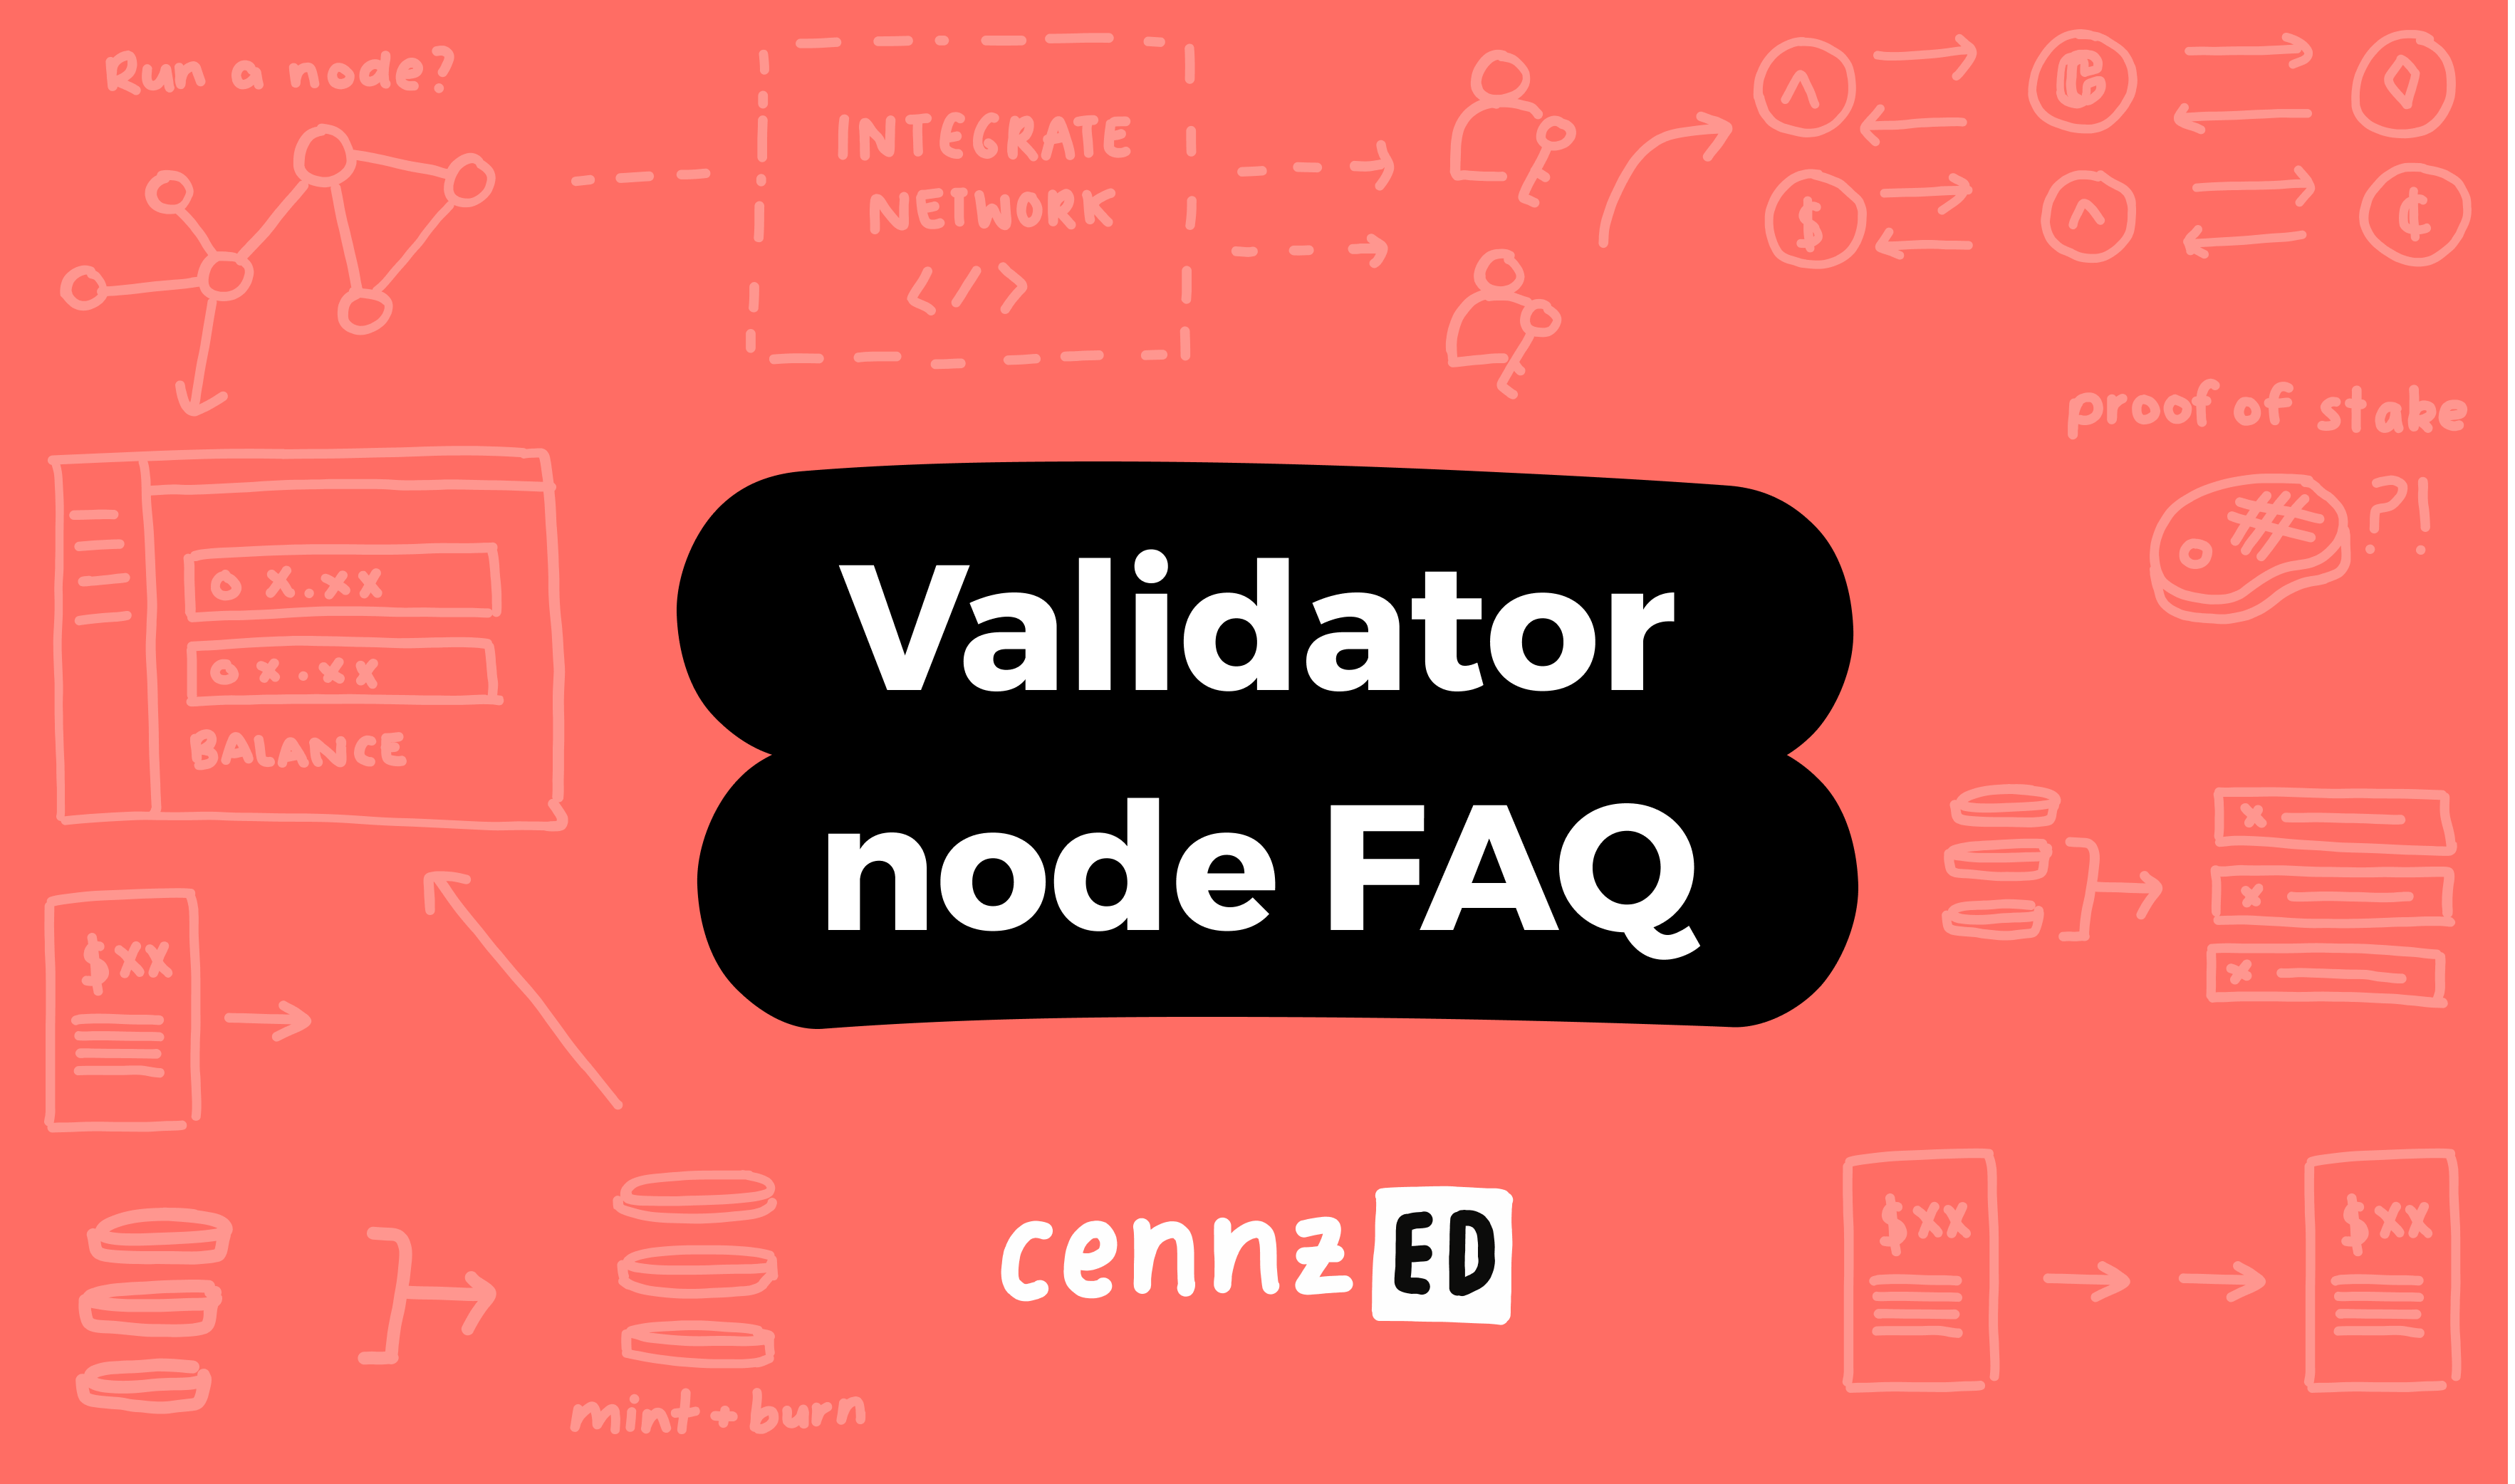 Validator node FAQ